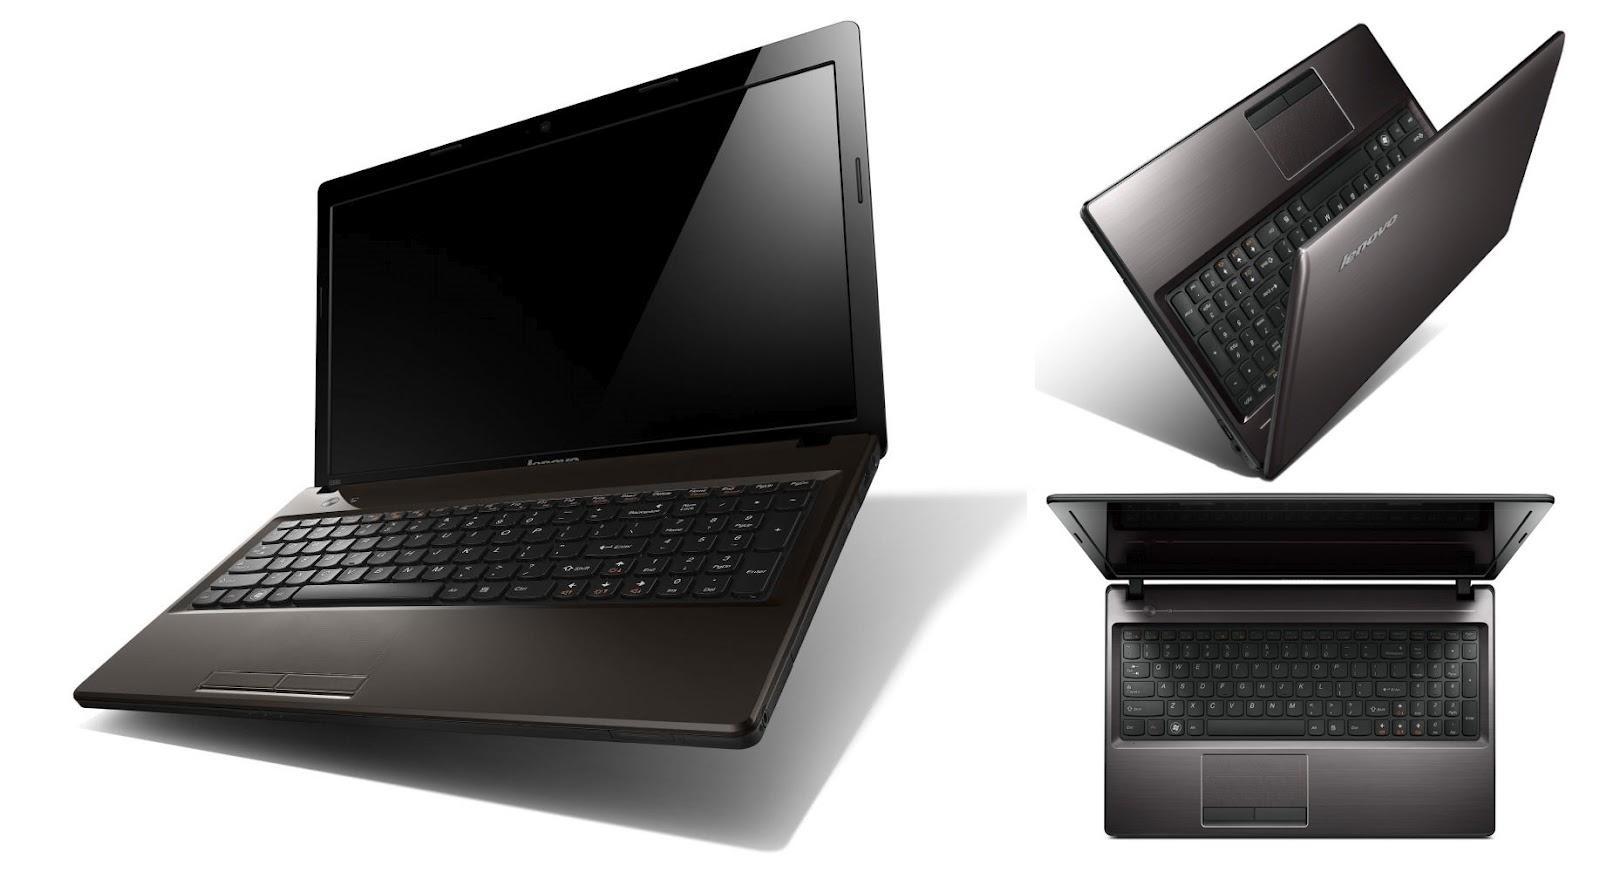 Portátil Avanzado: Lenovo IdeaPad G580 [MBBRSSP] (550 €)